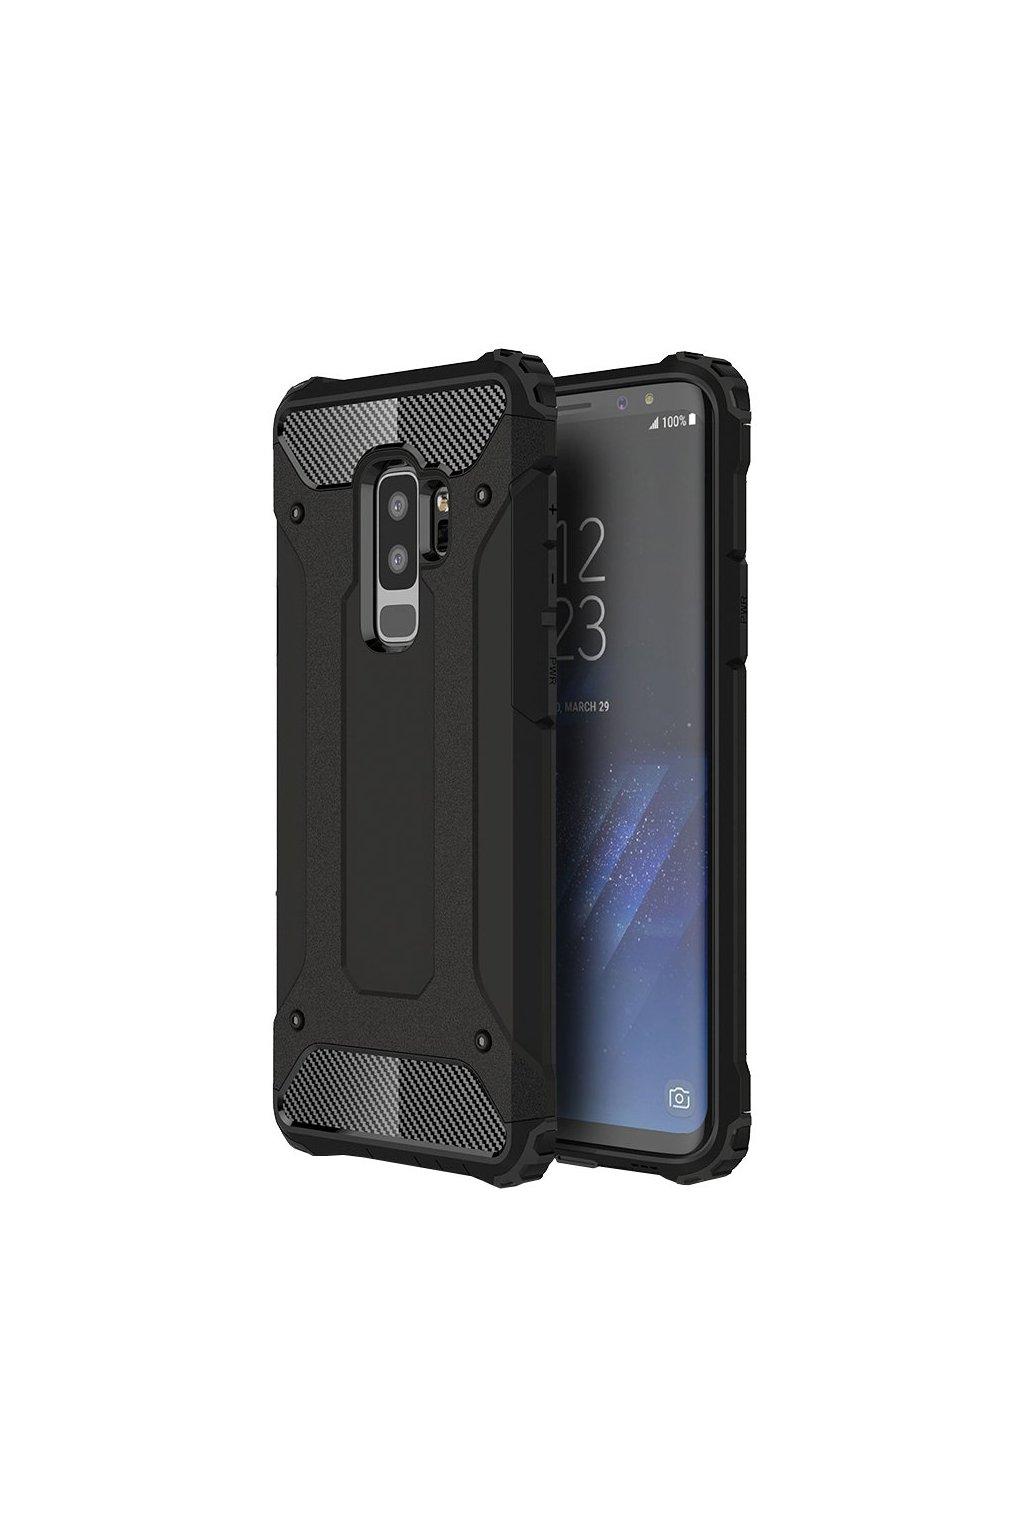 Armor kryt na Samsung Galaxy S9 Plus černý 1